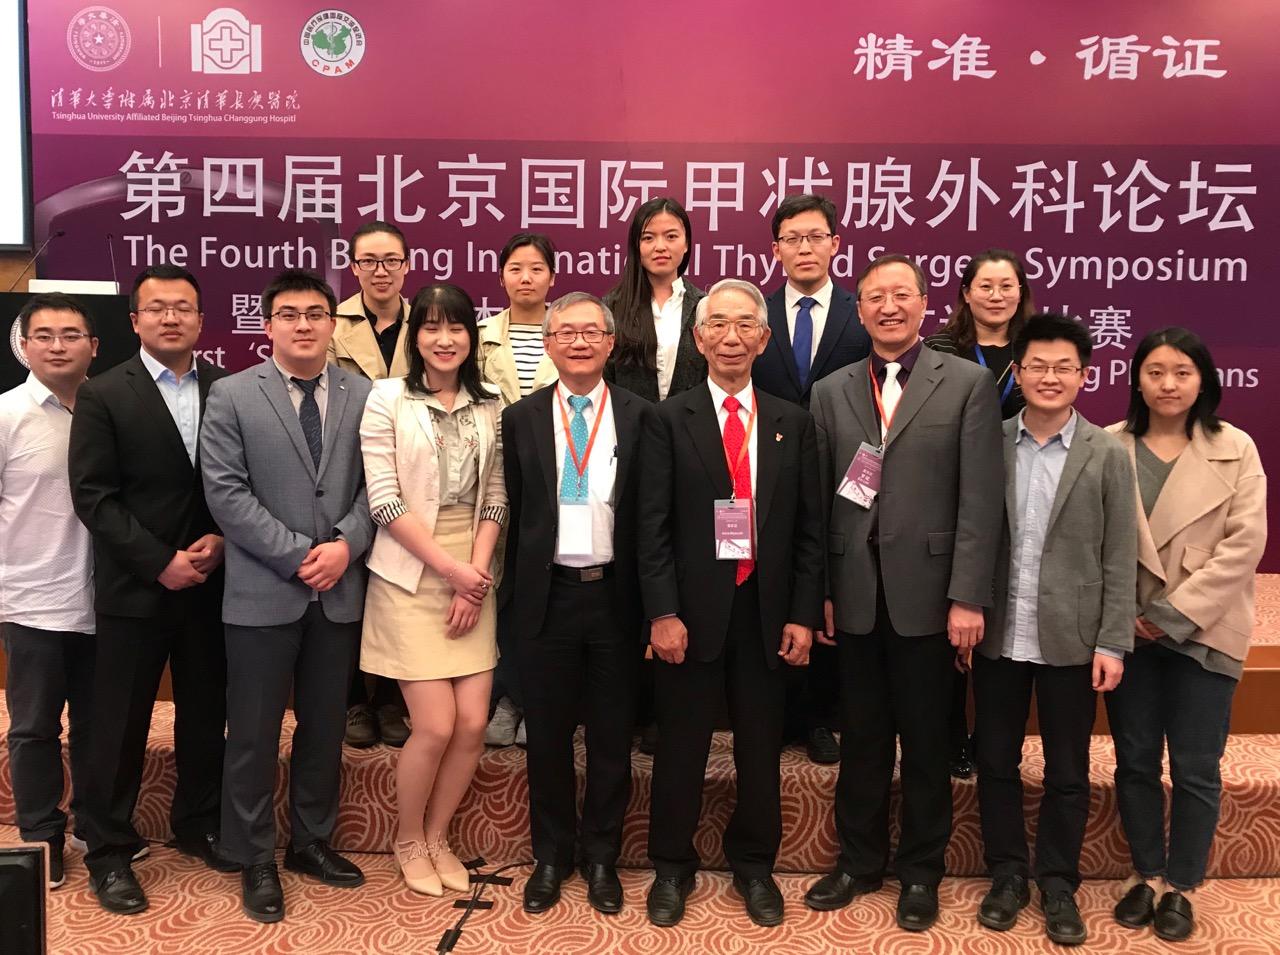 第4回北京国際甲状腺外科シンポジウムにて。主催したLuo教授(宮内の右)、UCSFのDuh教授(宮内の左)および準備委員の皆さんと。